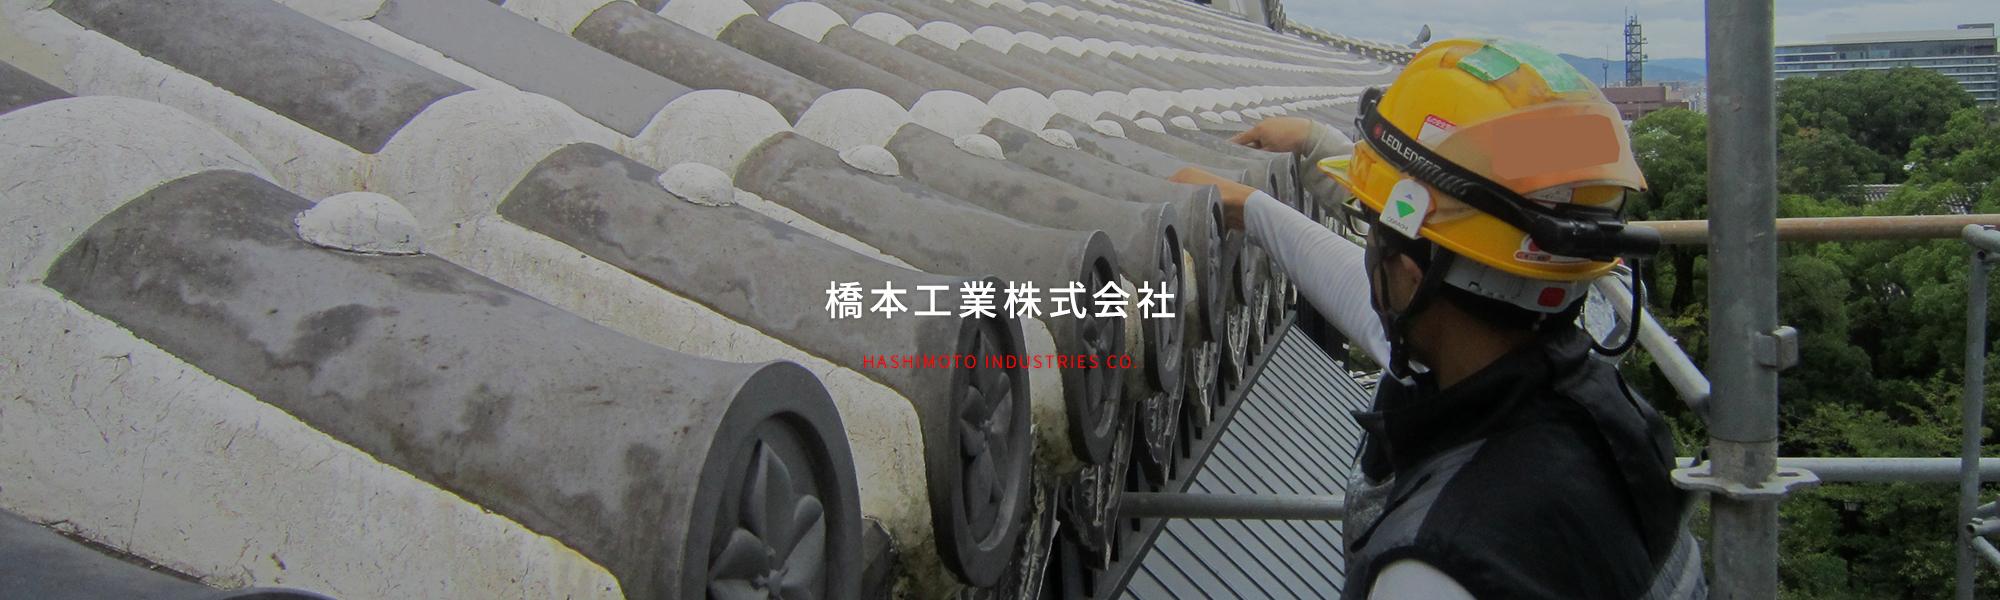 橋本工業株式会社